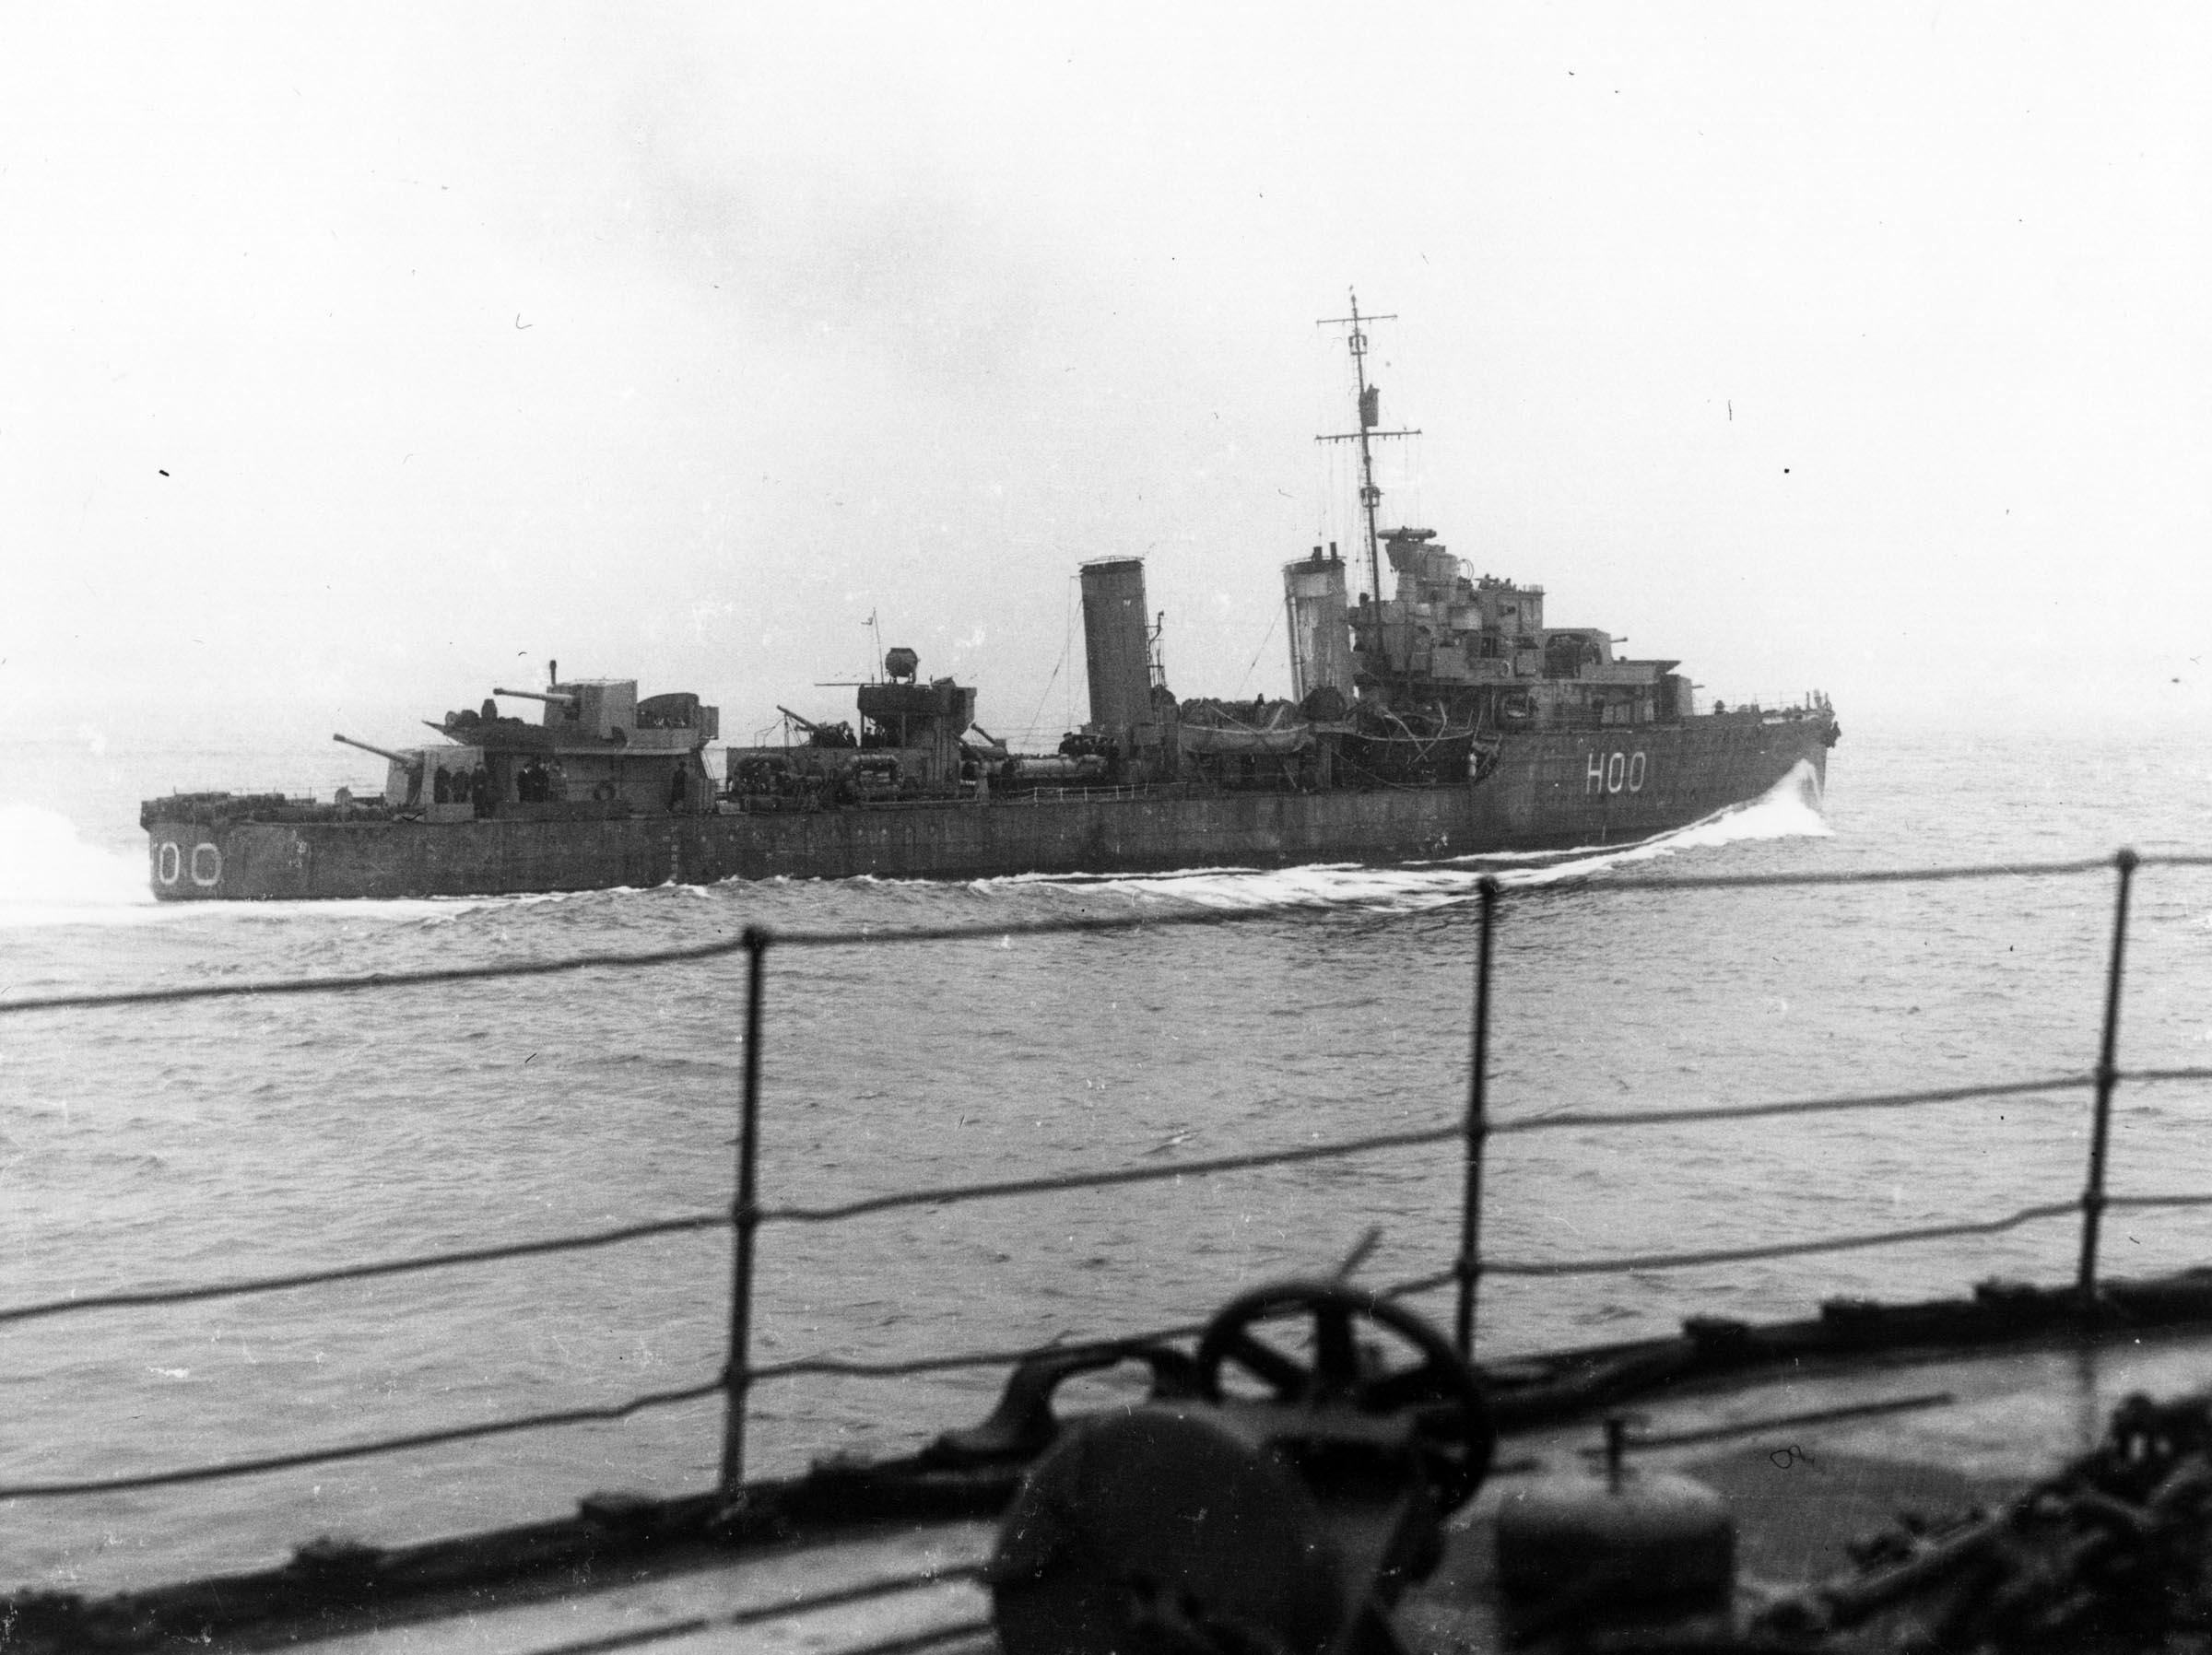 HMCS RESTIGOUCHE (1st)